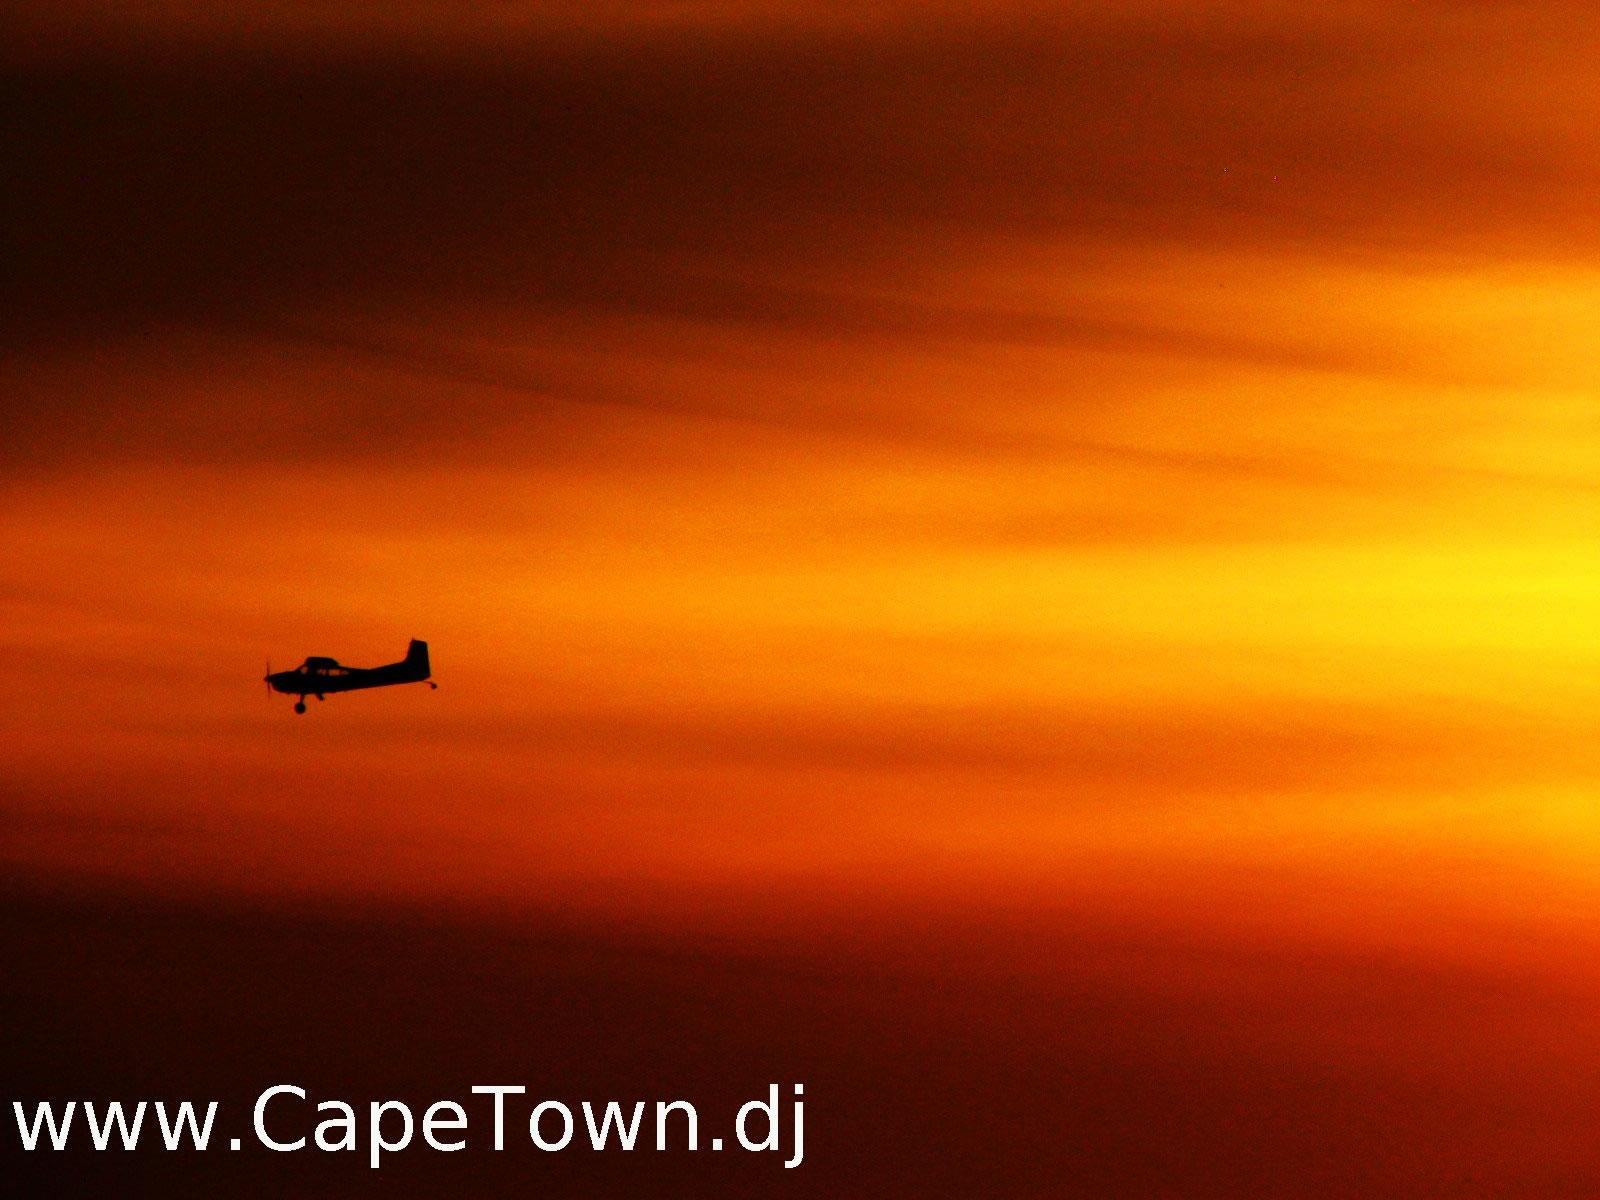 Propellor-driven aircraft / Light_Aircraft1.JPG